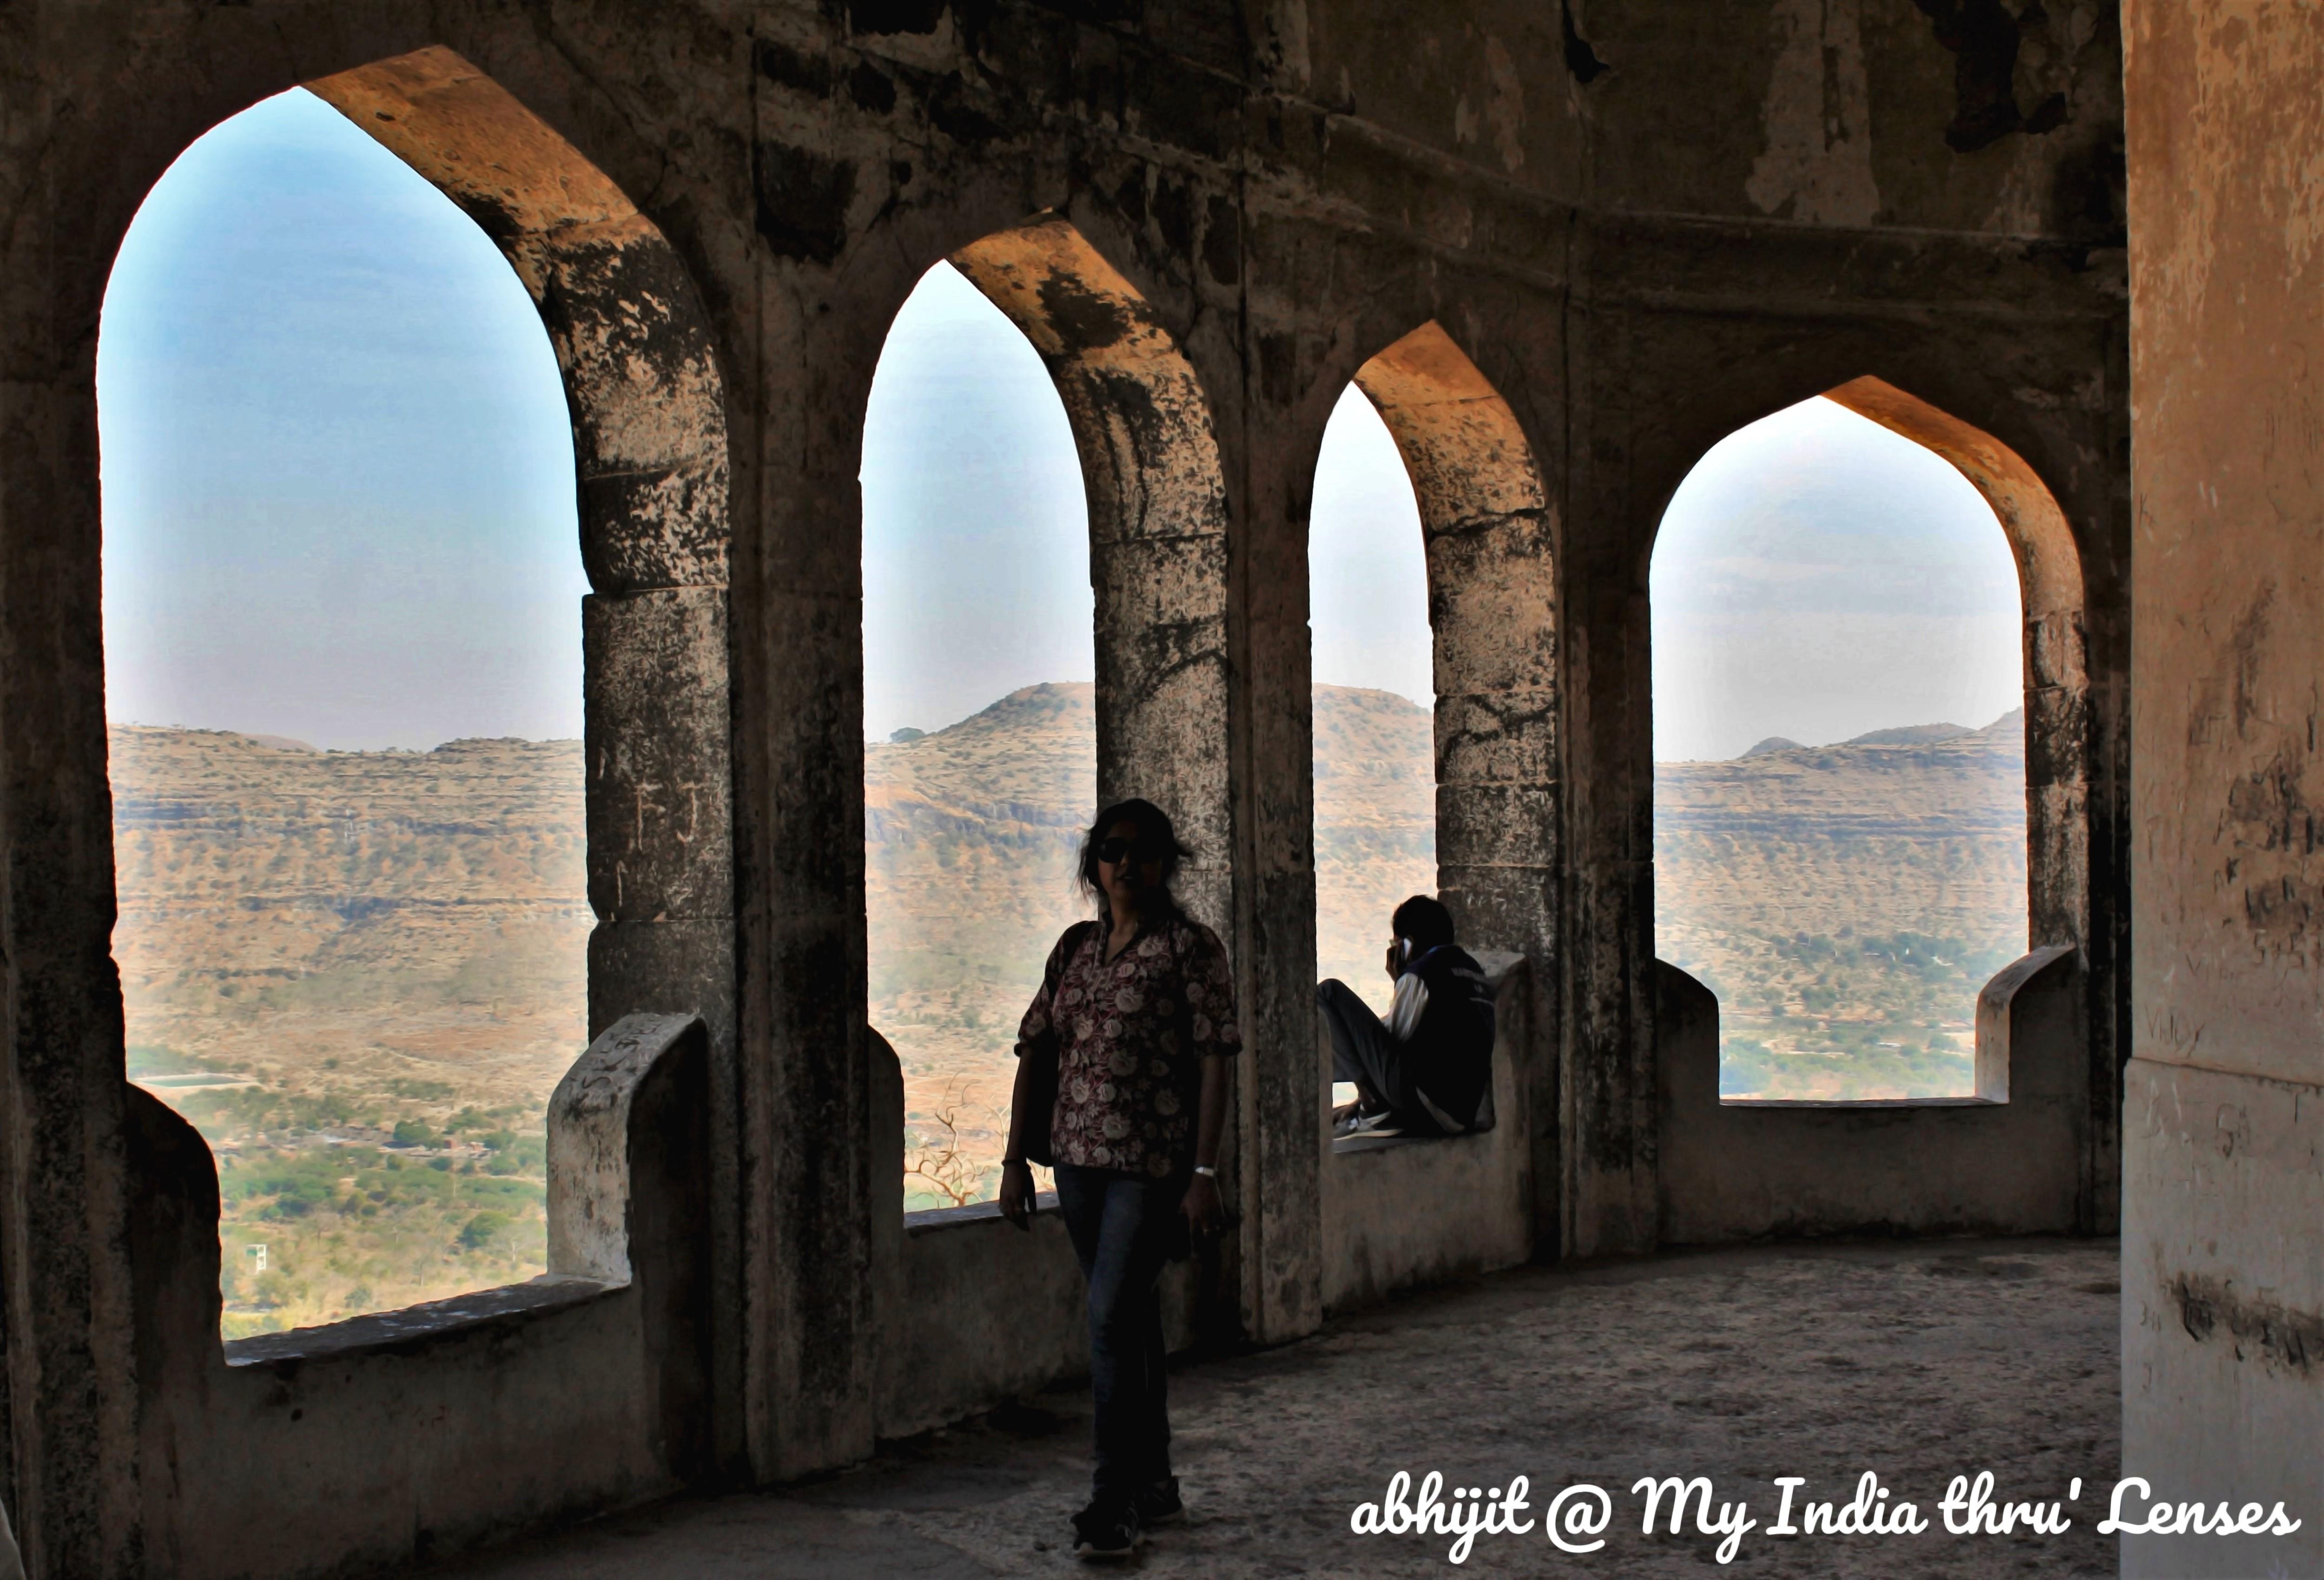 Inside the Baradari